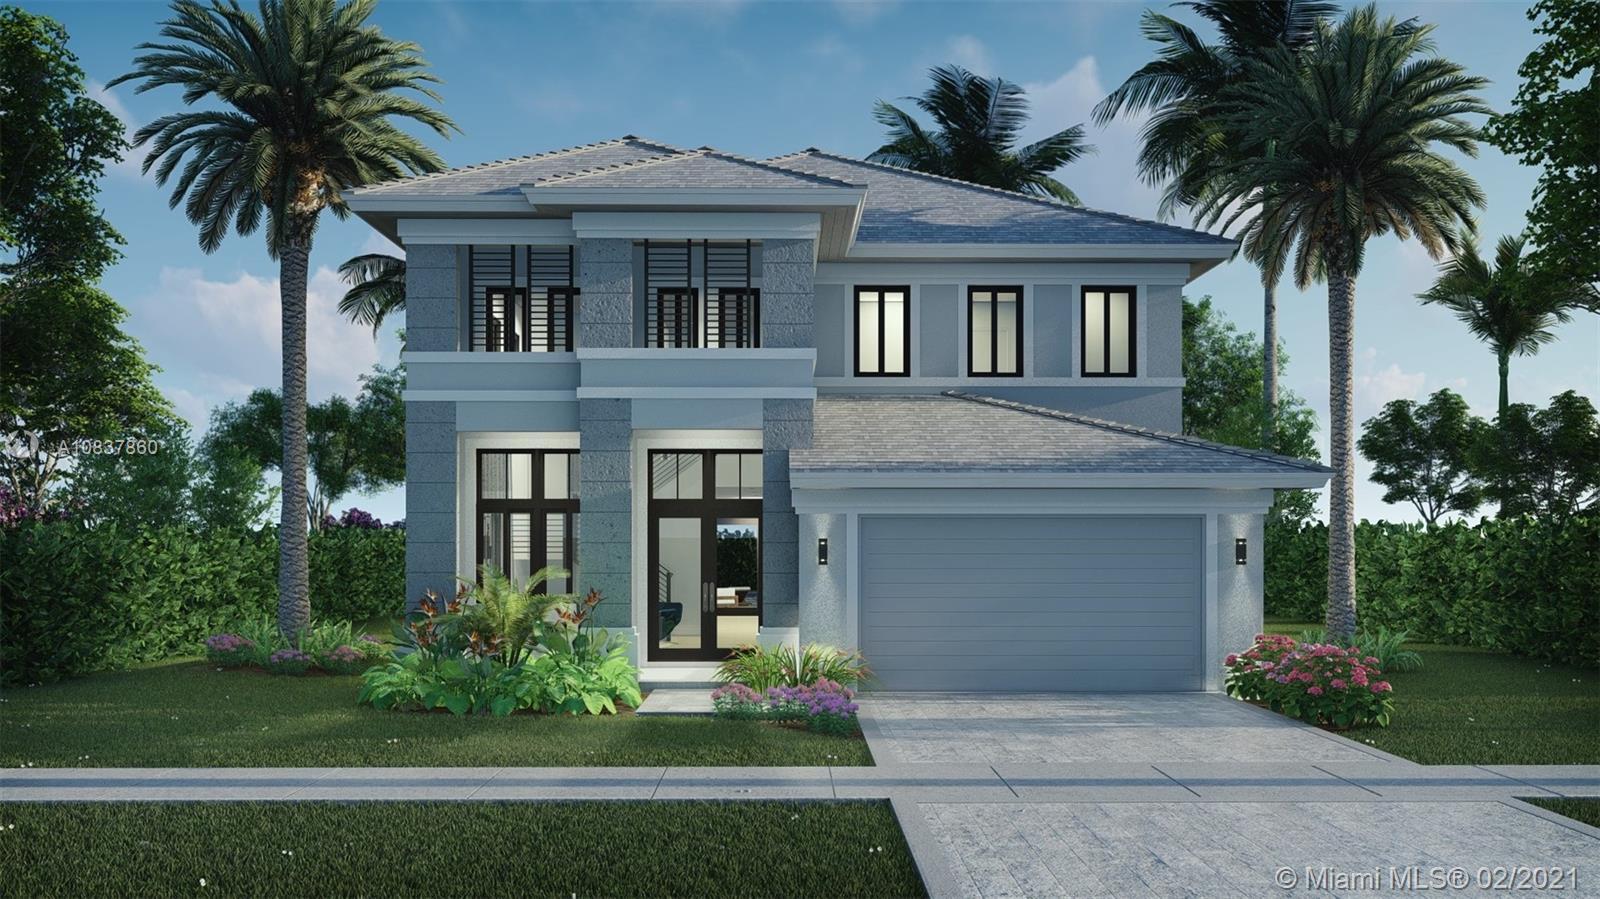 5862 SW 25th St, Miami, FL 33155